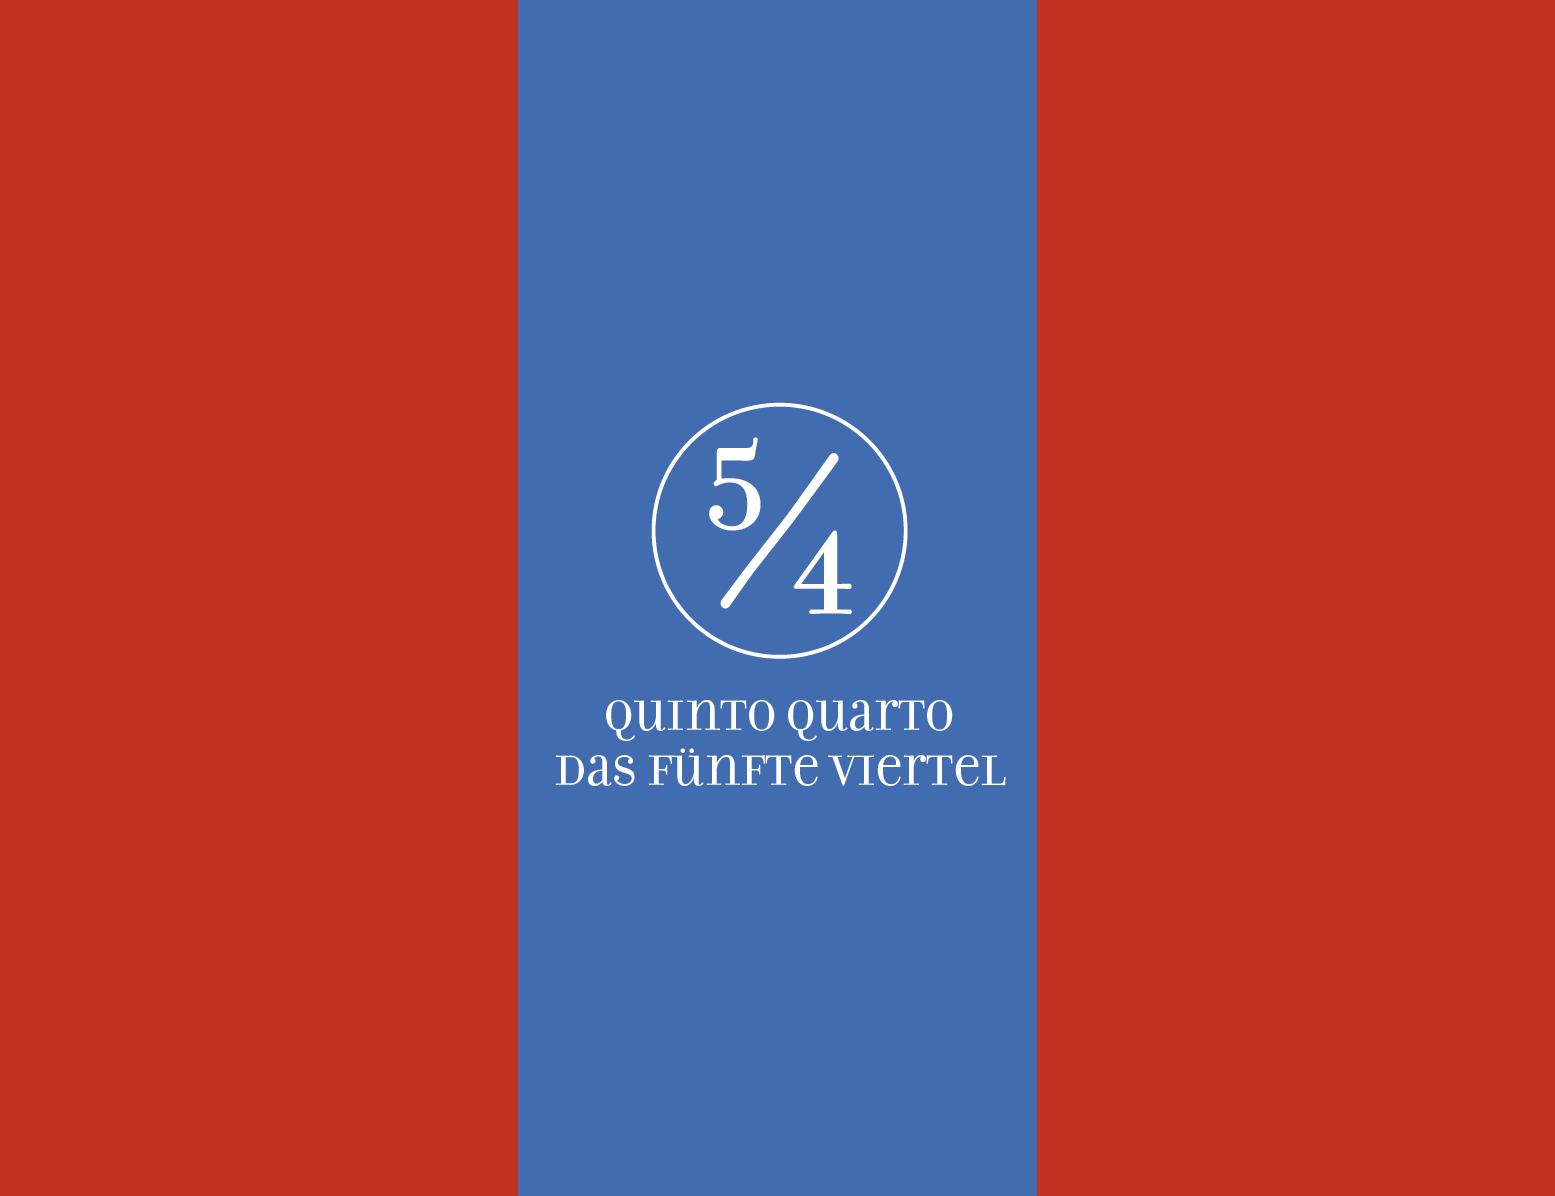 Eventbild für Javkhlan Ariunbold /// Weiße Gazelle /// Quinto Quarto Das Fünfte Viertel